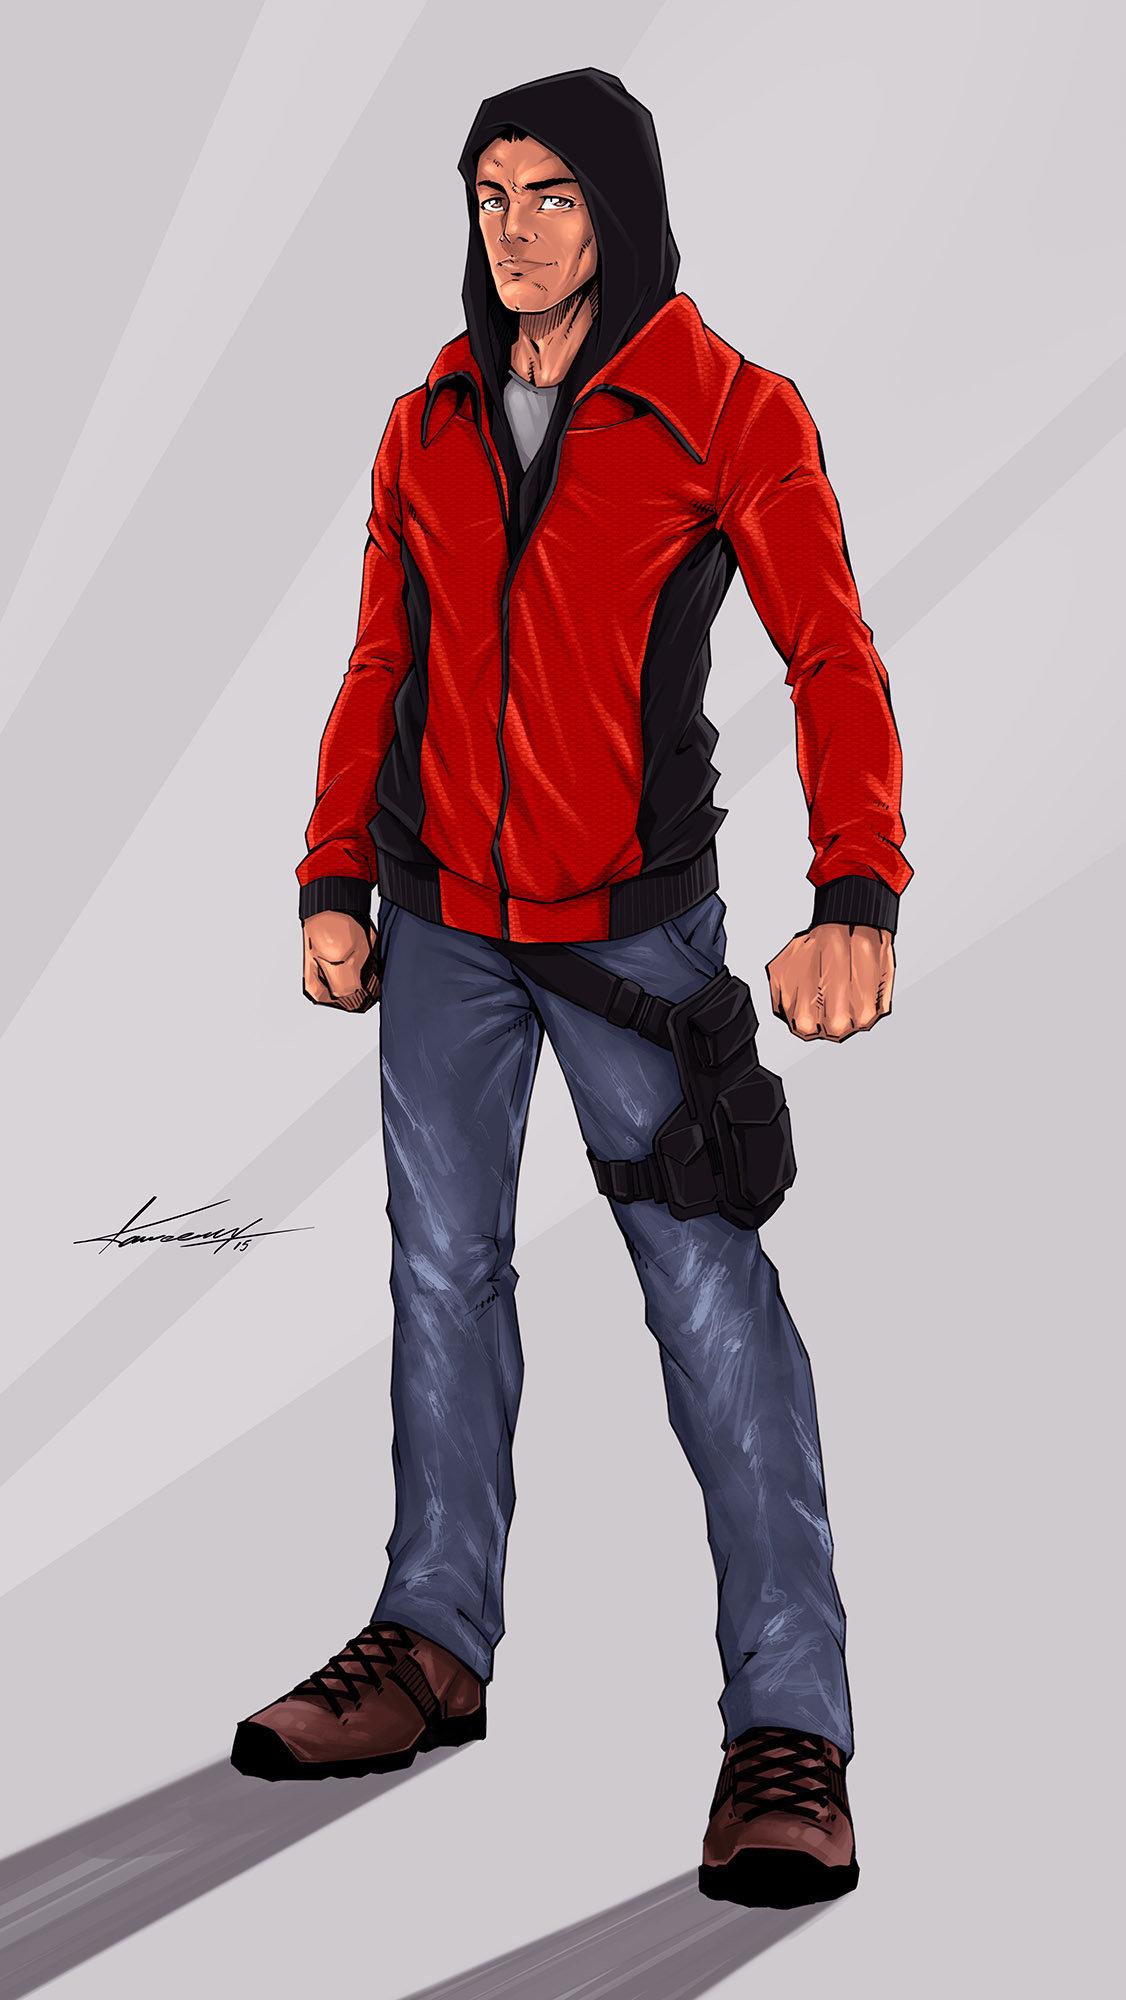 Kareem ahmed boy 01